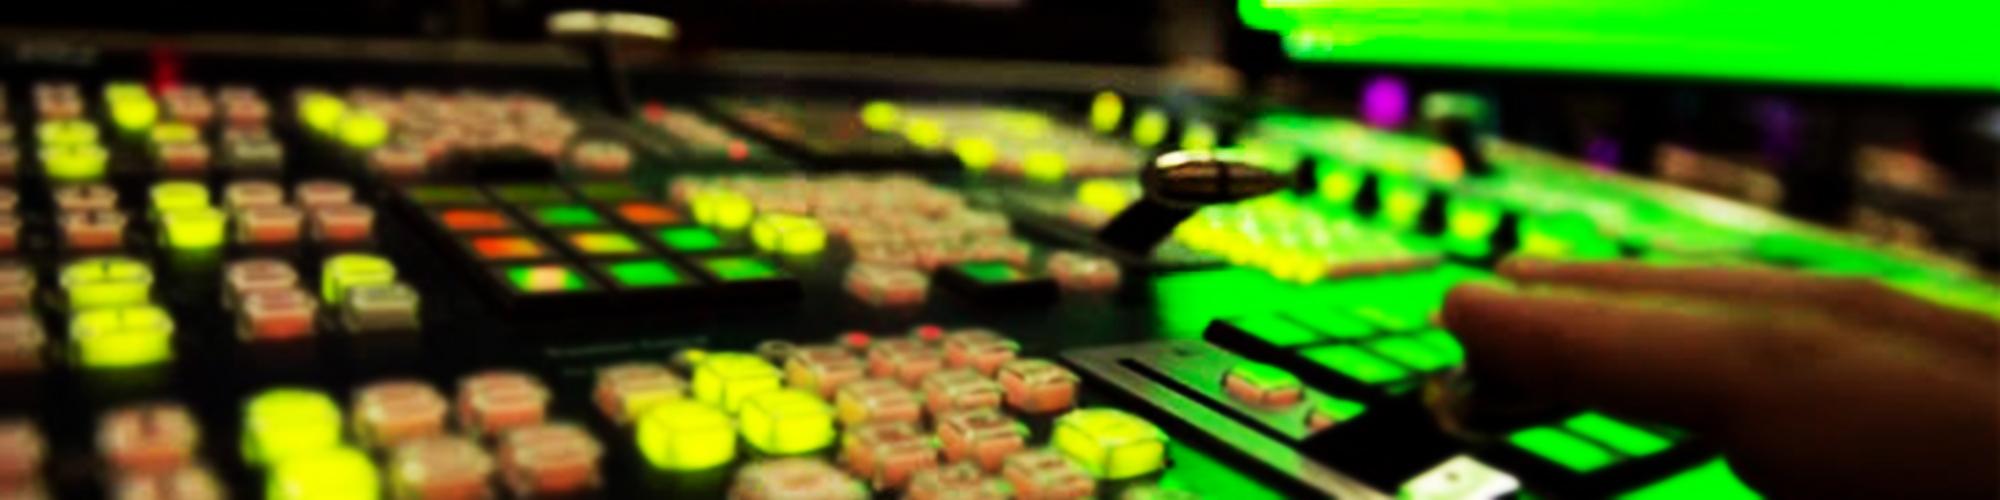 Seminário O Futuro é Live debate o mercado audiovisual e as novas tecnologias em vídeo ao vivo e streaming